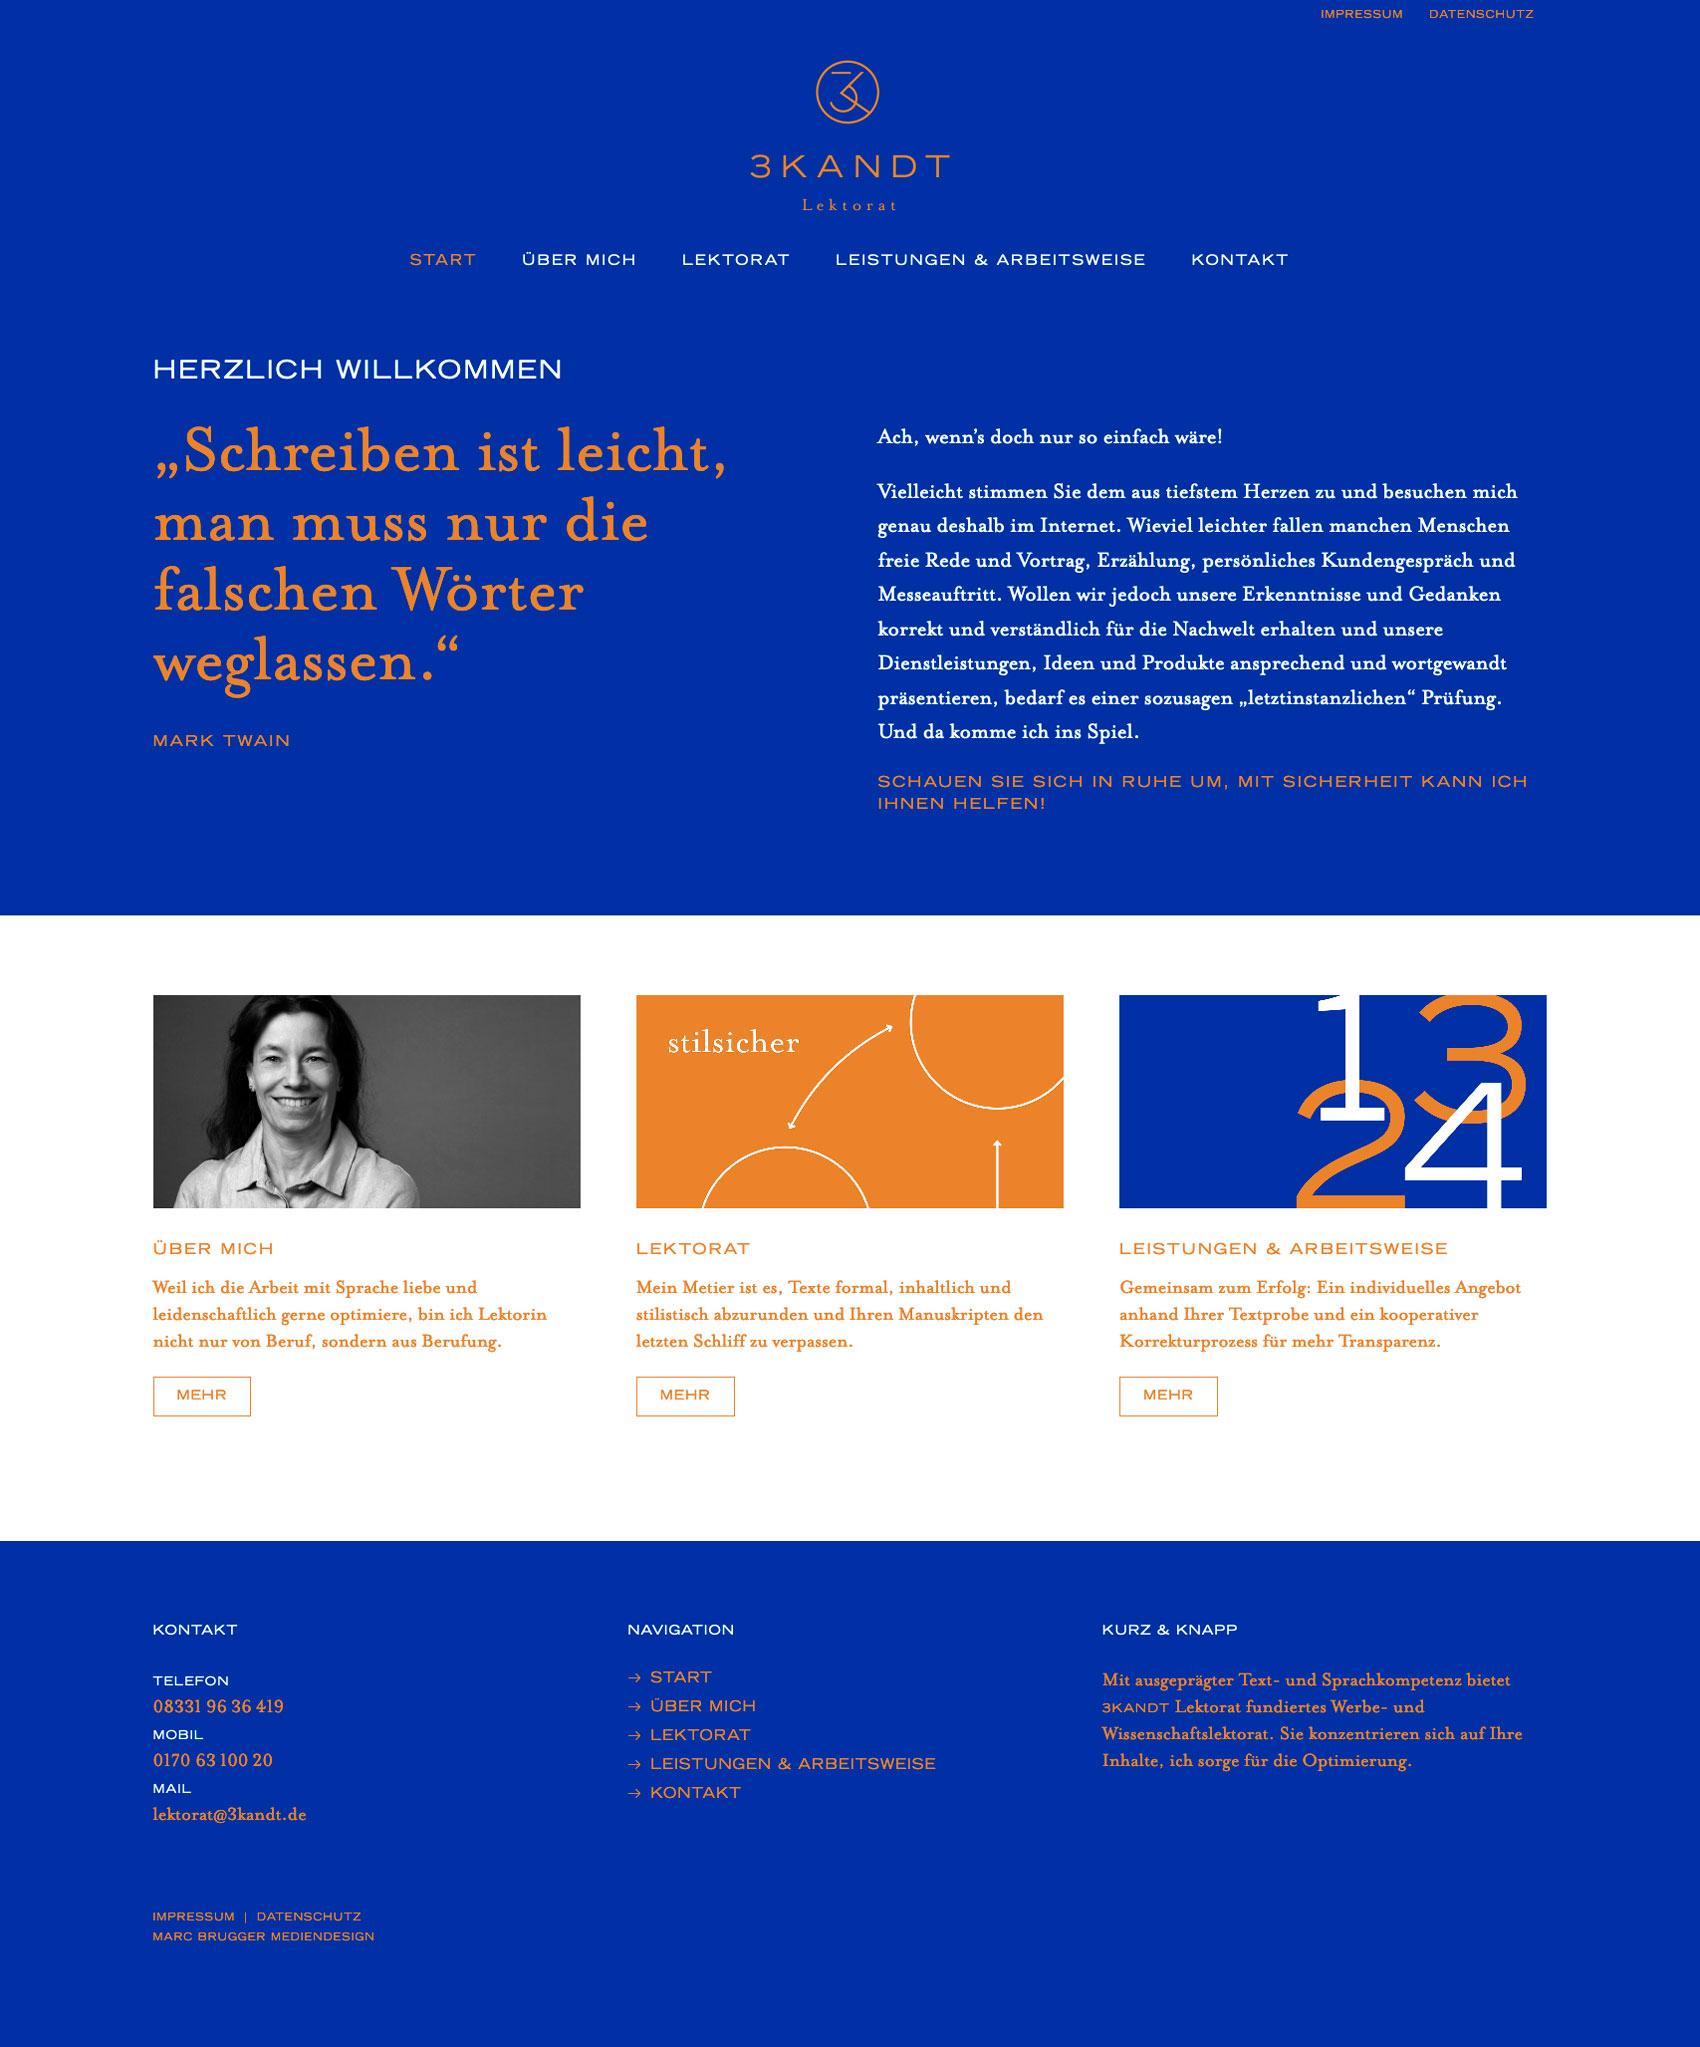 Webdesign und Content Creation in Zusammenarbeit mit 3KANDT Lektorat